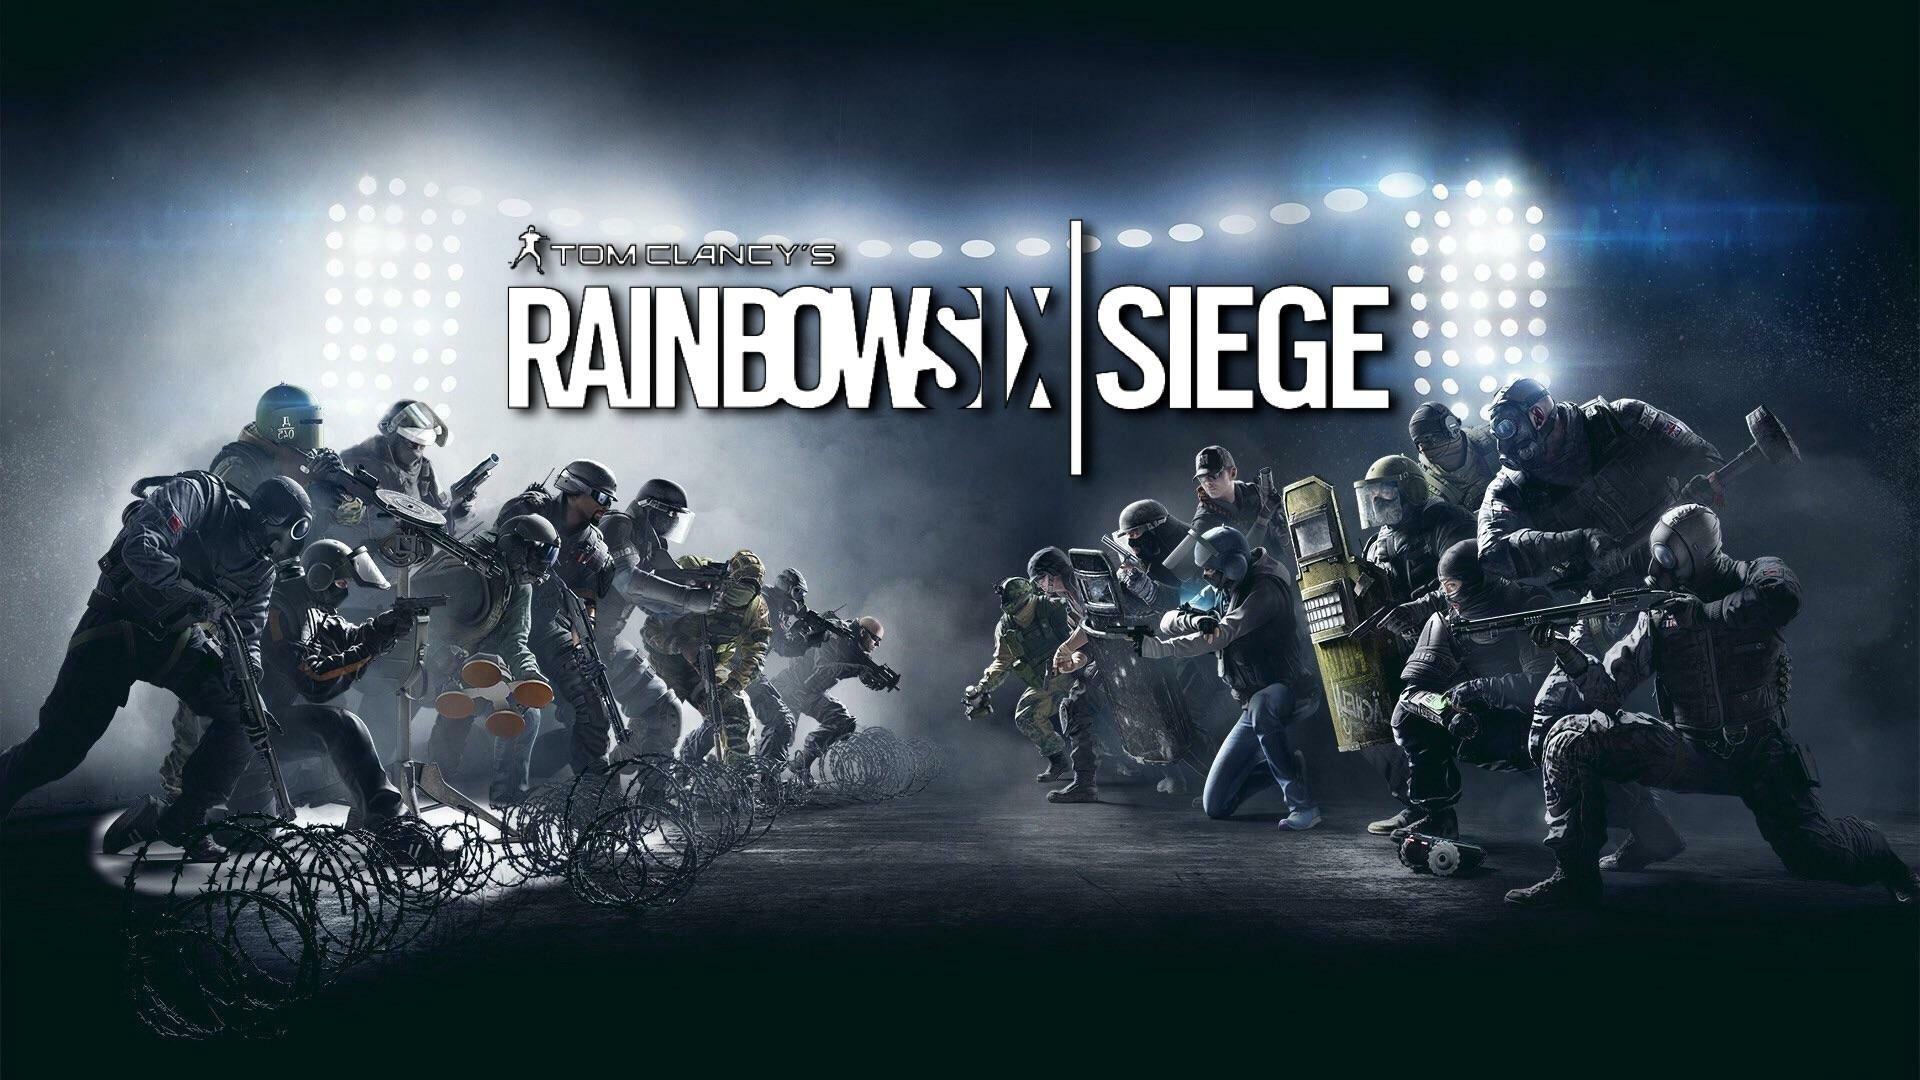 مشکل جدید سیستم مچ میکینگ Rainbow Six Siege رفع شد